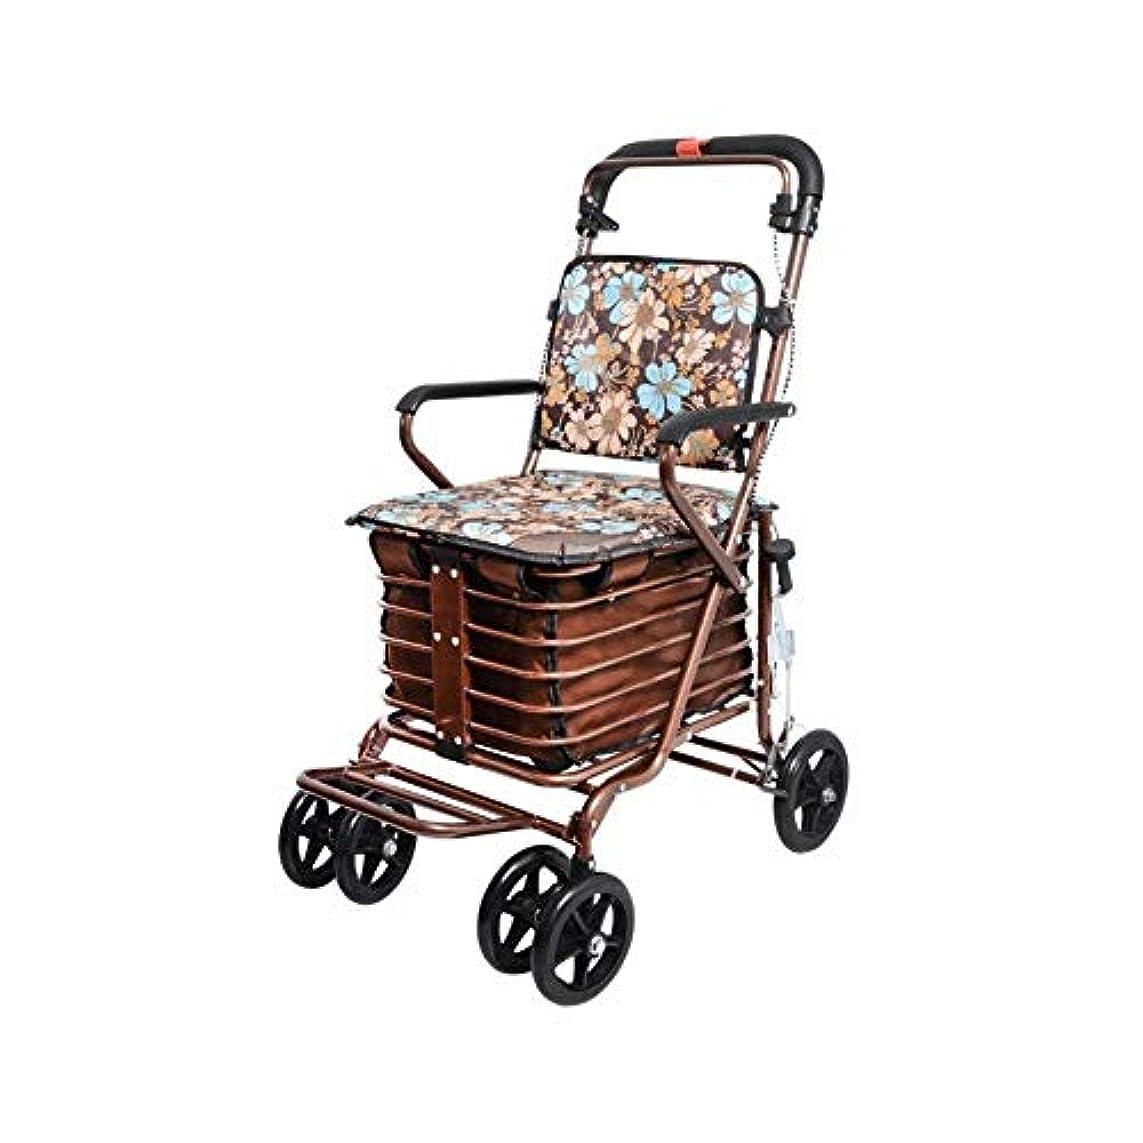 学校地質学おしゃれじゃない軽量の高齢者の歩行者、折る携帯用歩行器の補助歩行者の4つの車輪のショッピングカートハンドブレーキが付いている頑丈な歩行者 (Color : Color1)